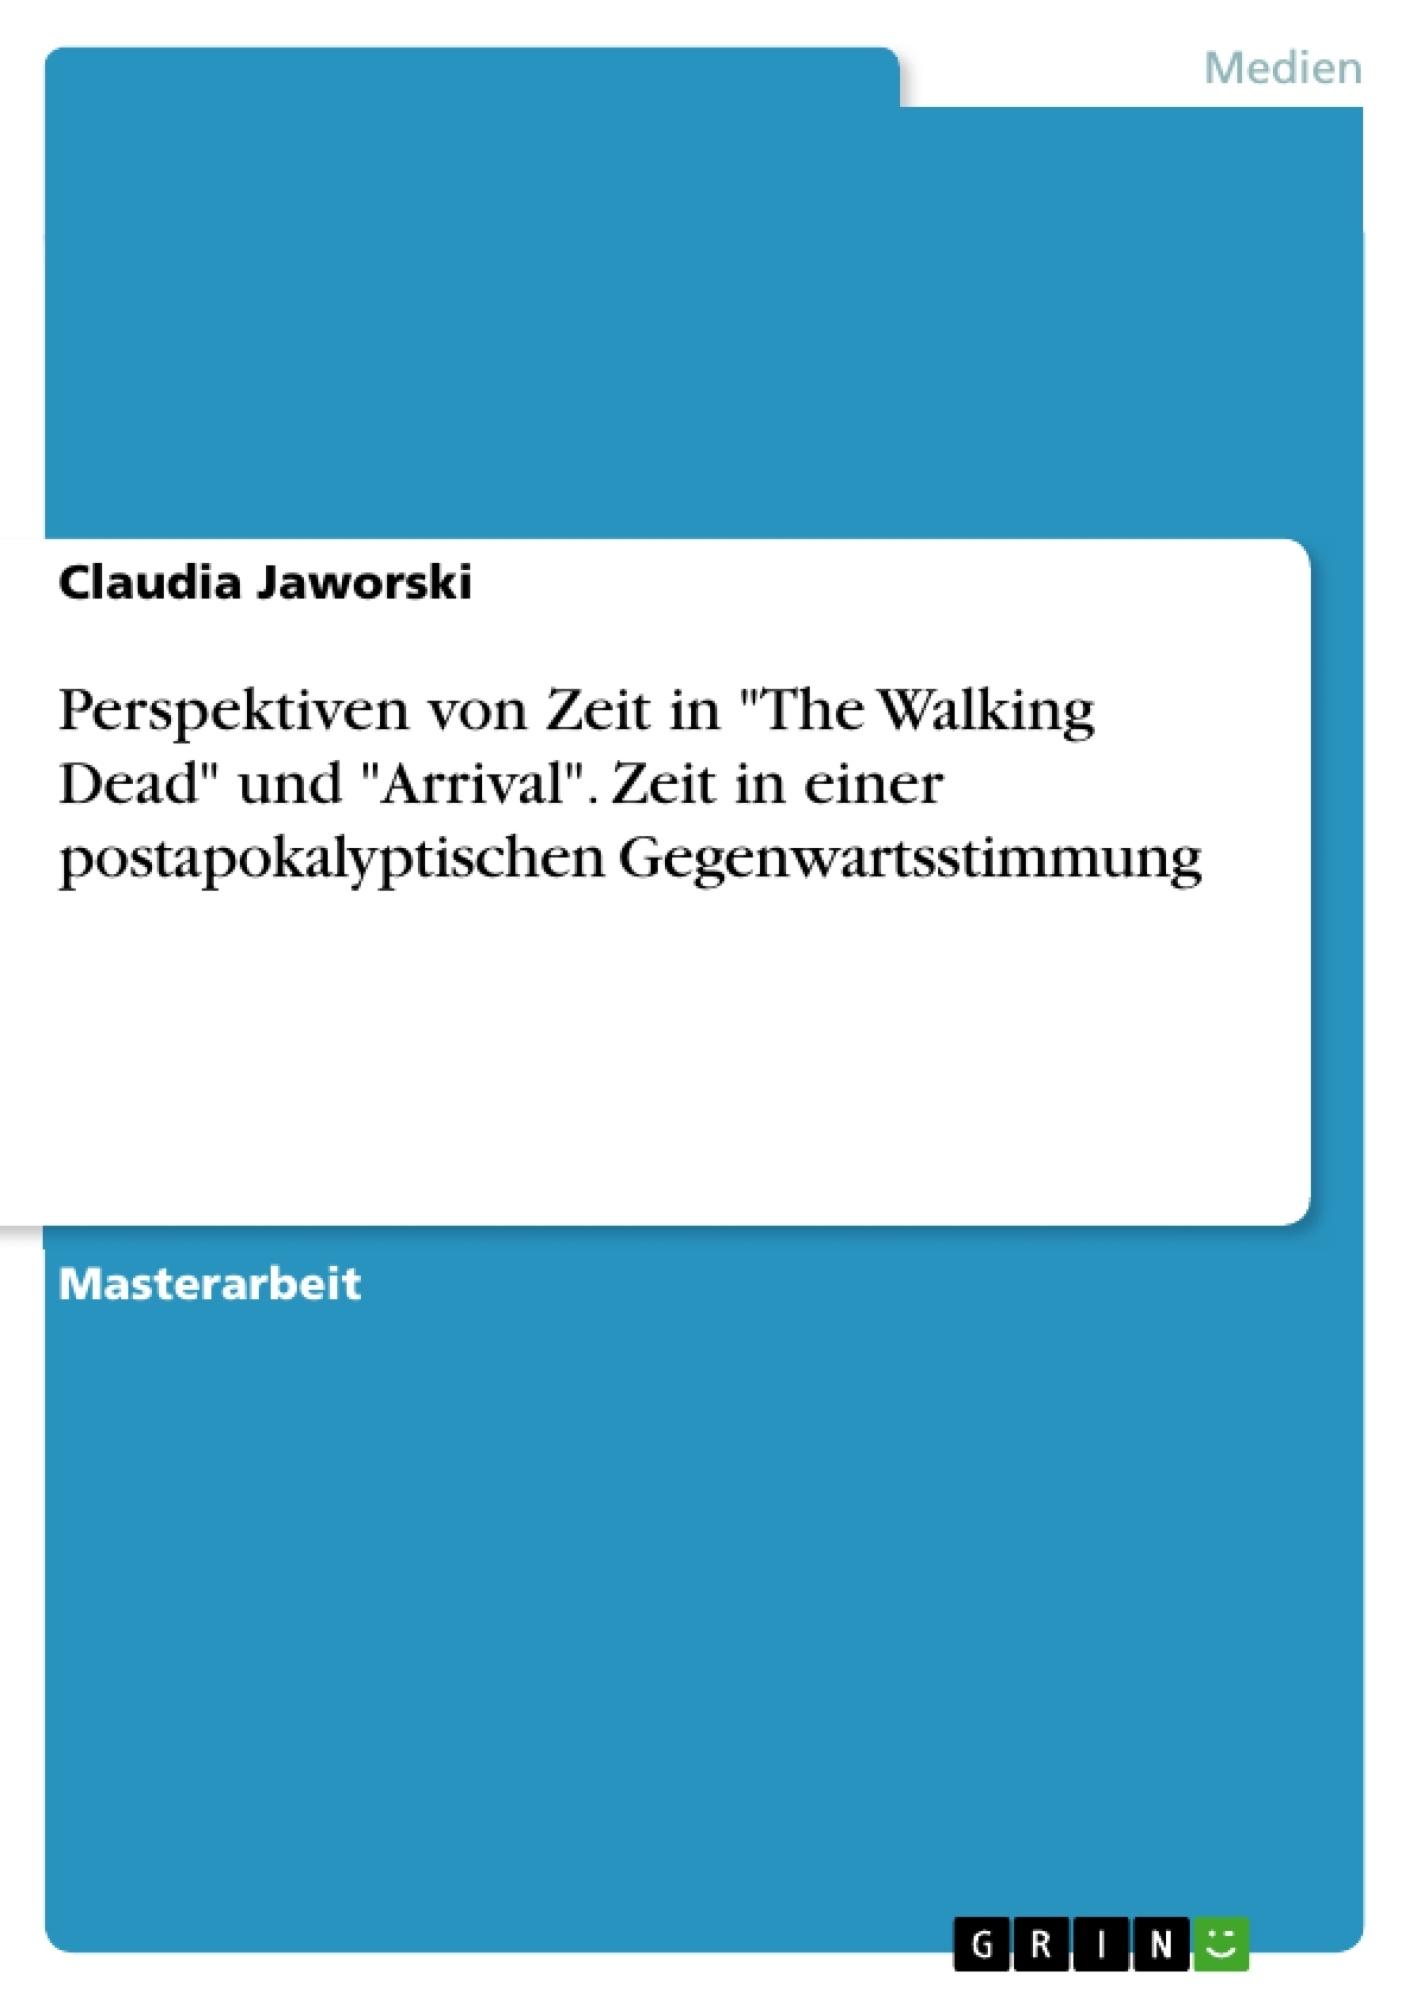 """Titel: Perspektiven von Zeit in """"The Walking Dead"""" und """"Arrival"""". Zeit in einer postapokalyptischen Gegenwartsstimmung"""